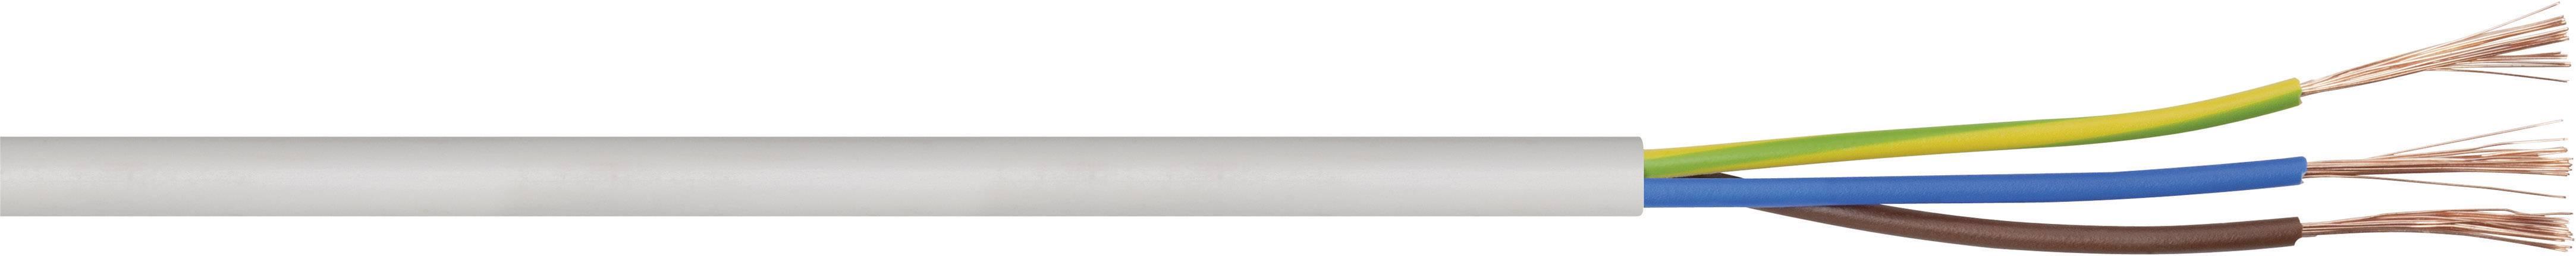 Vícežílový kabel LappKabel H03VV-F, 49900065/500, 2 x 0.75 mm², bílá, 500 m